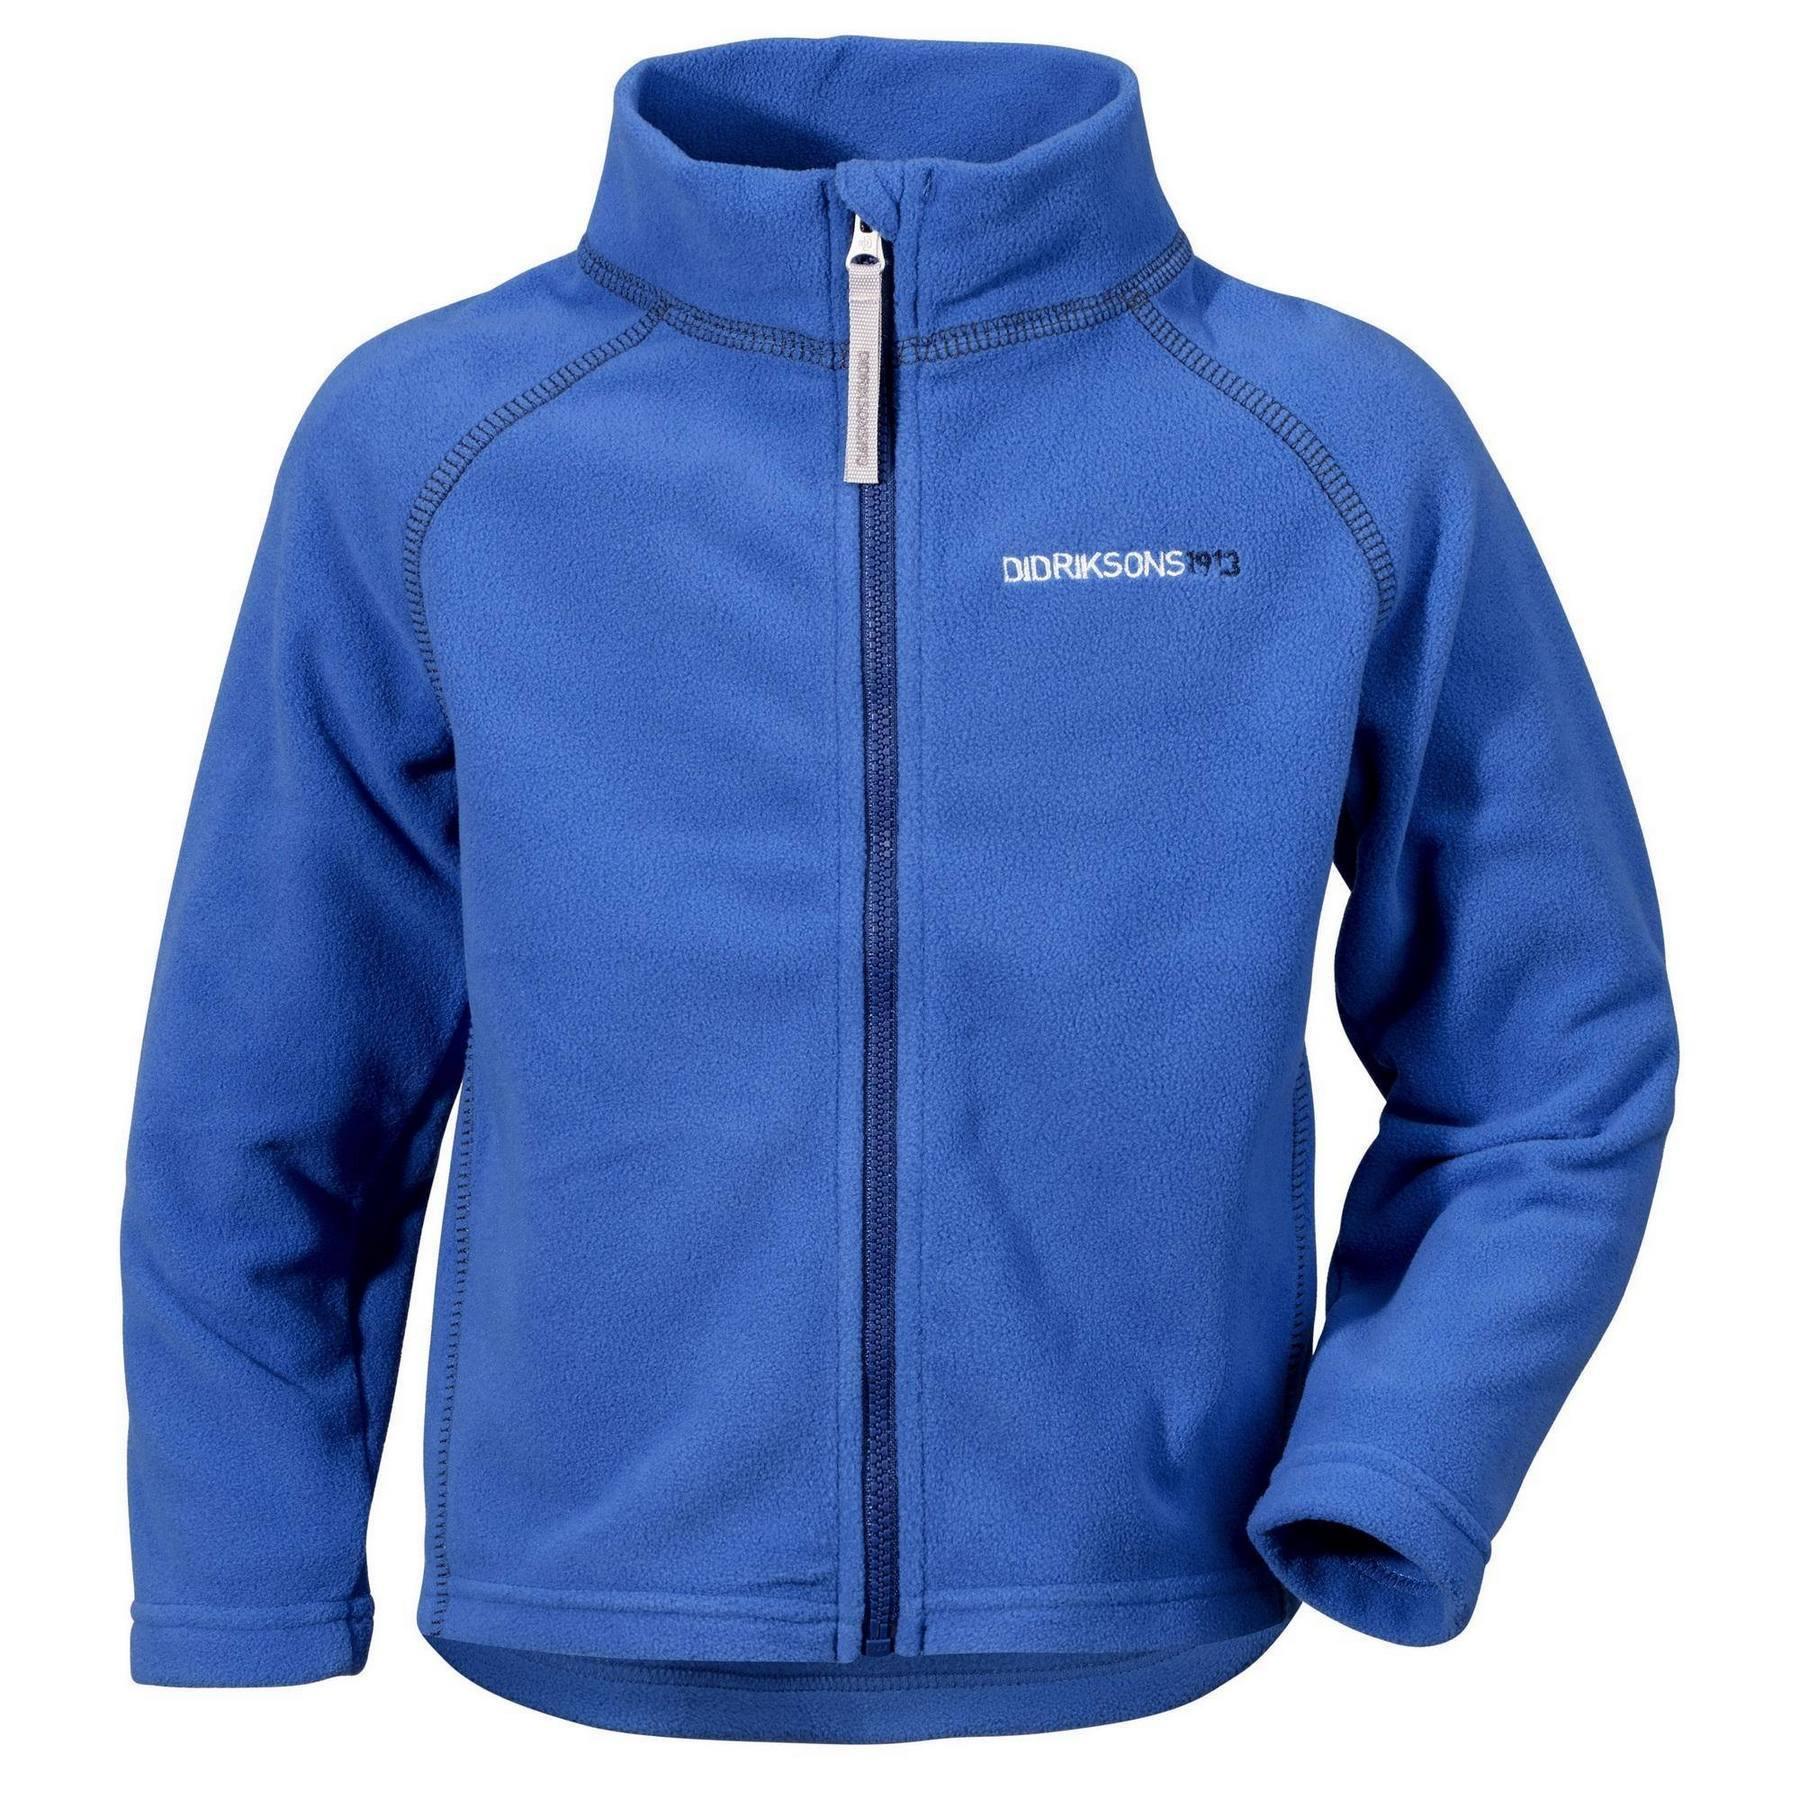 Куртка для детей Didriksons Monte kids - Indigo Blue (лазурный)